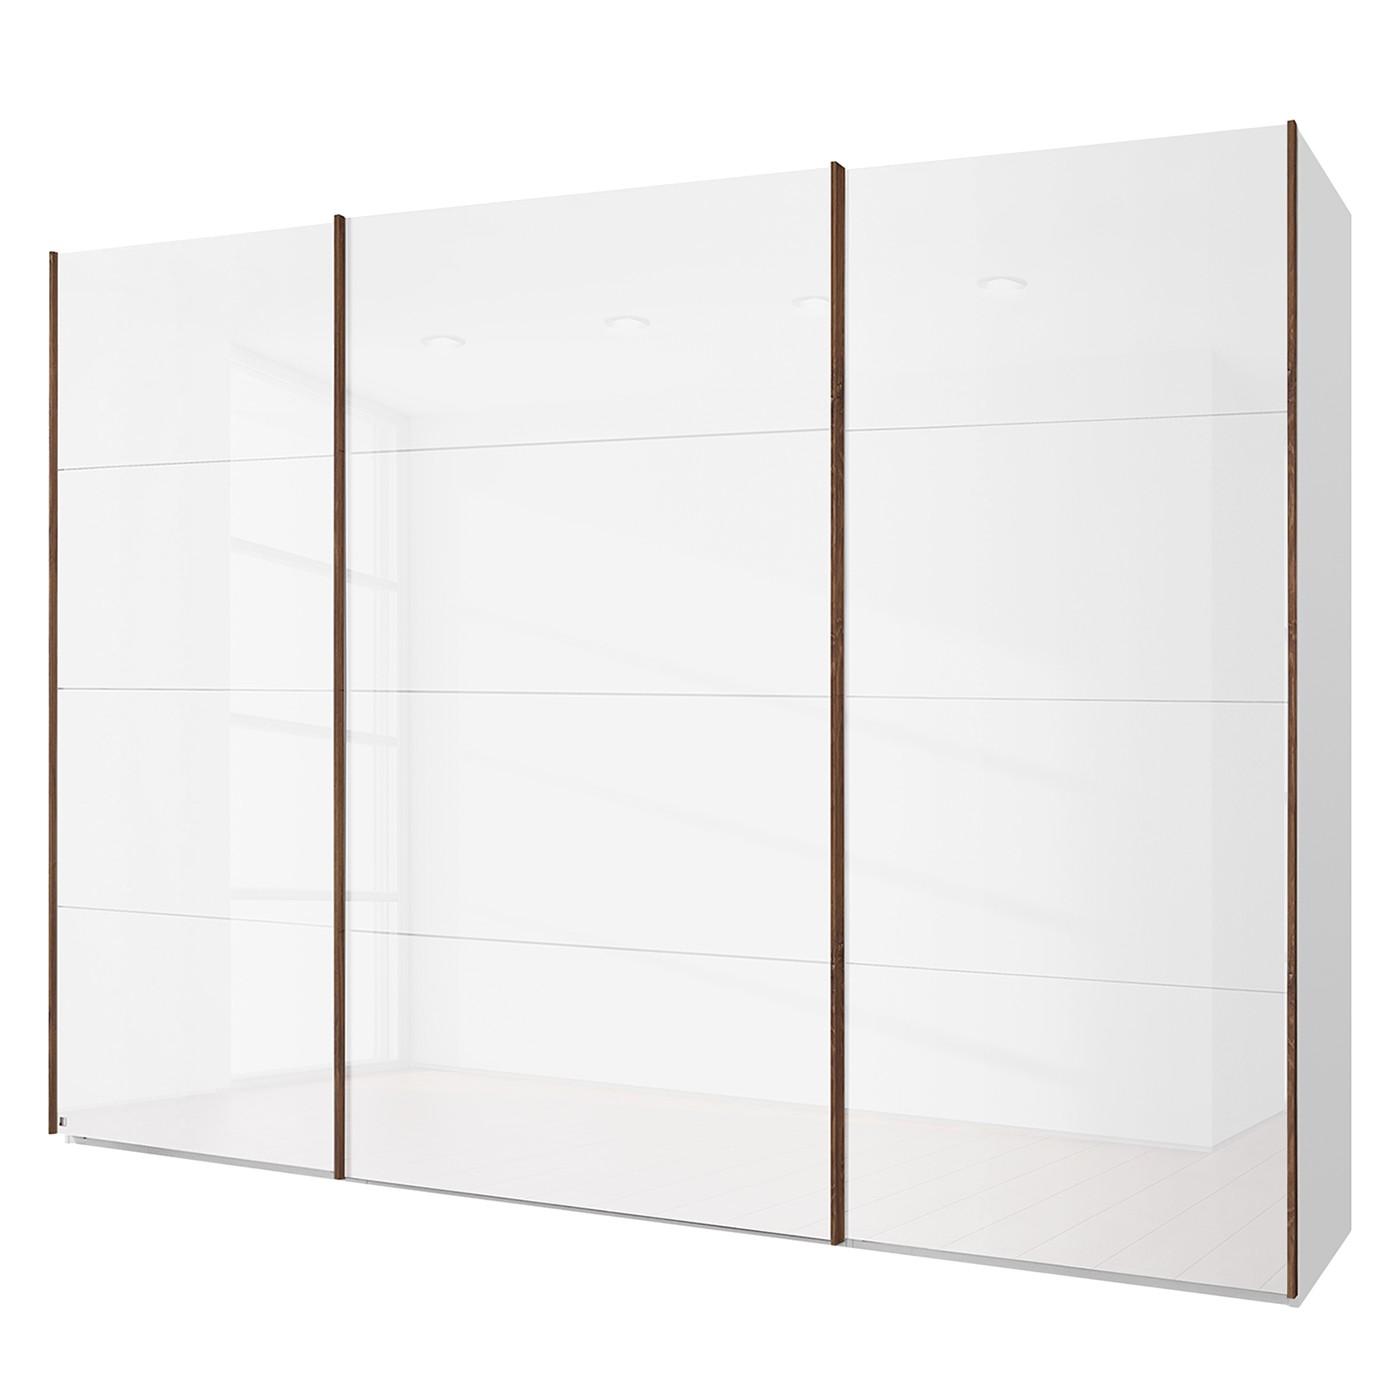 Zweefdeurkast SKØP - 360cm (3-deurs) - 236cm - Classic, SKØP